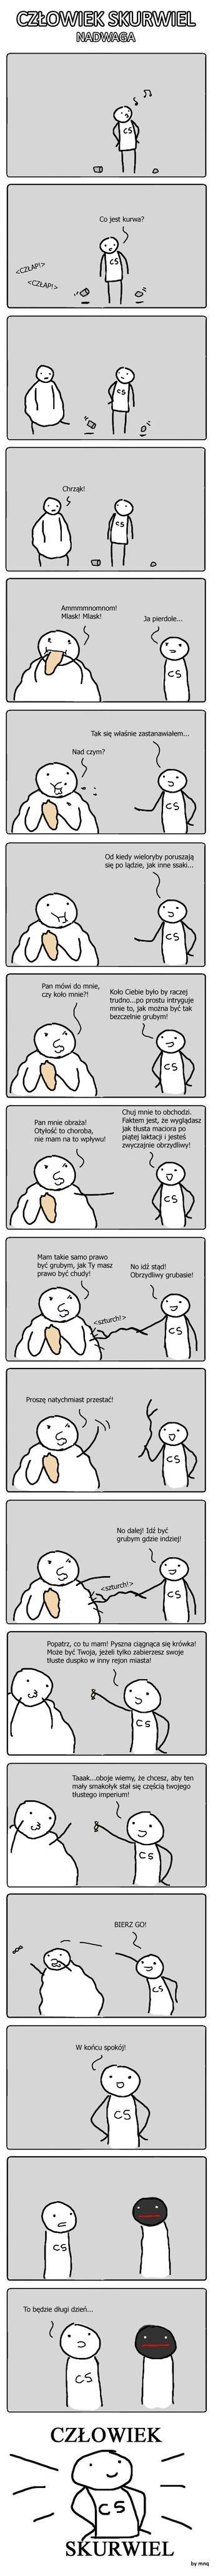 Człowiek Skurwiel - Nadwaga